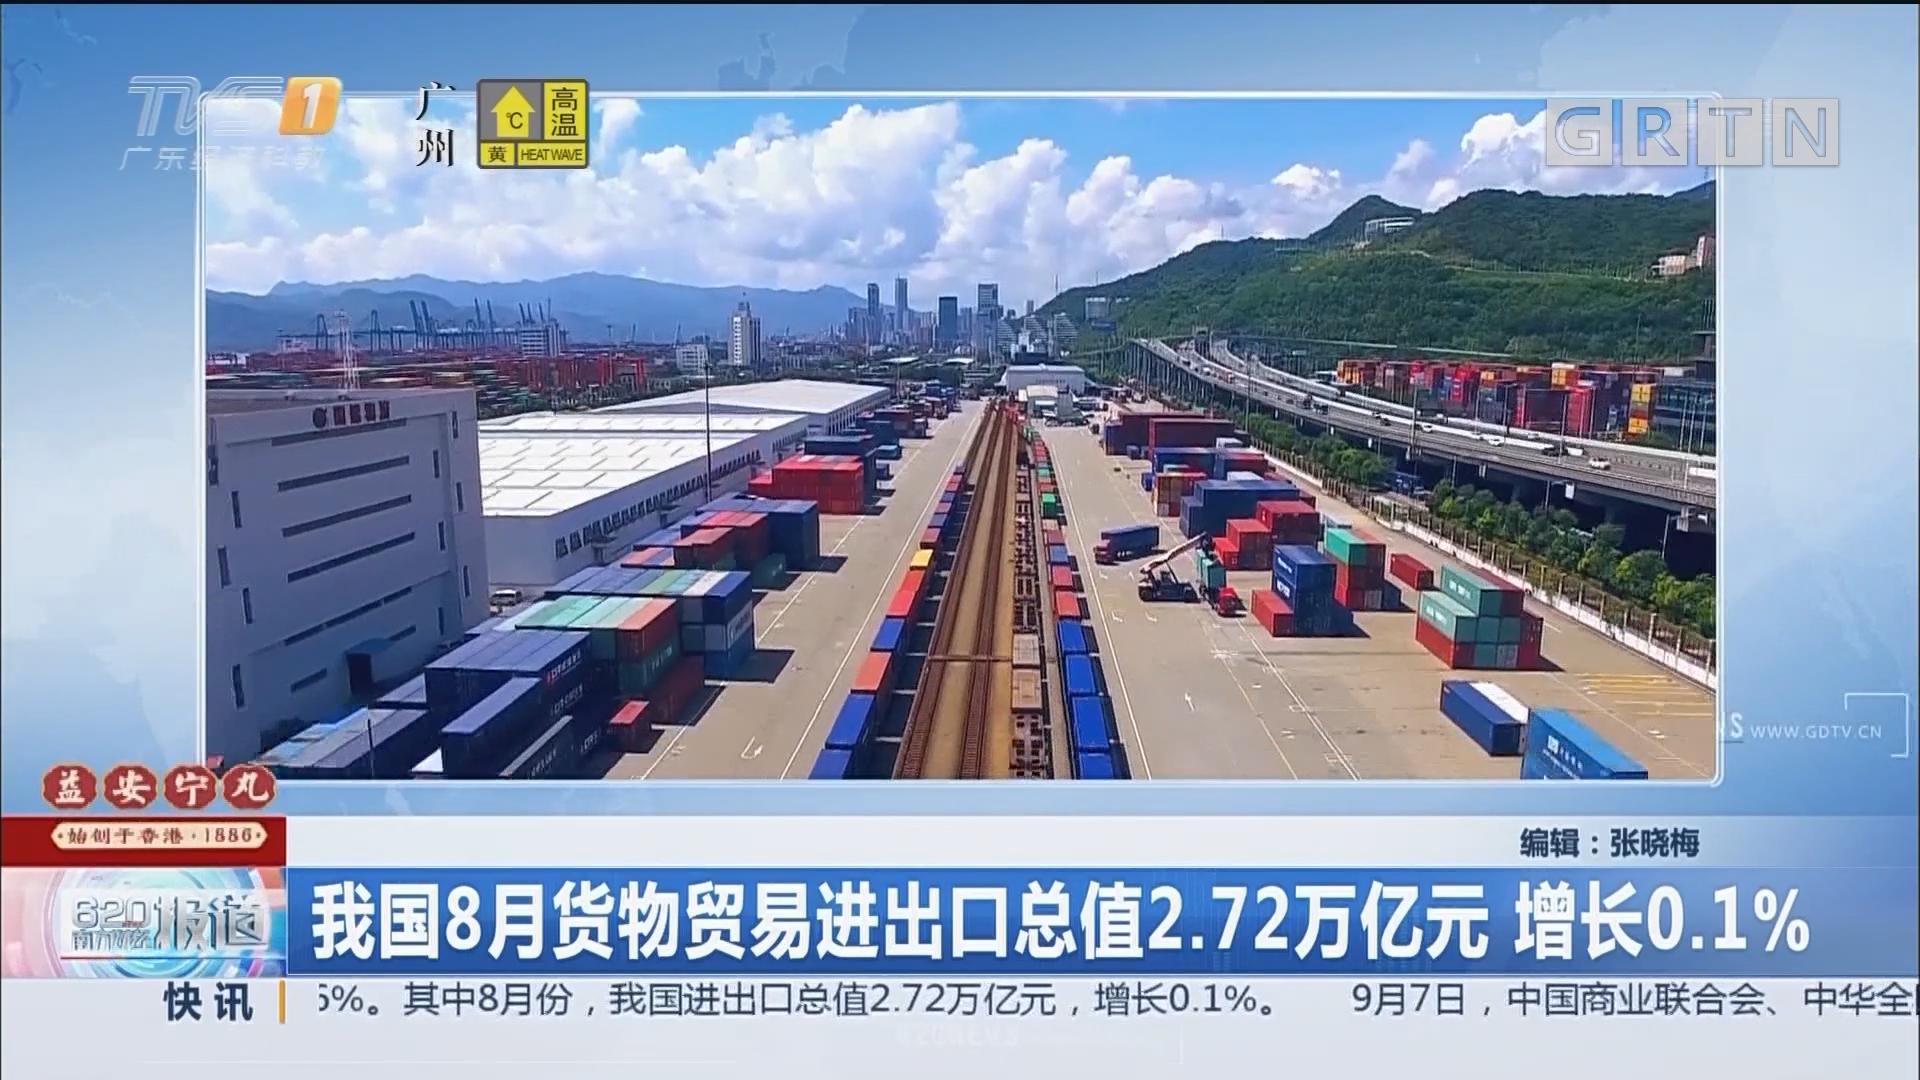 我国8月货物贸易进出口总值2.72万亿元 增长0.1%